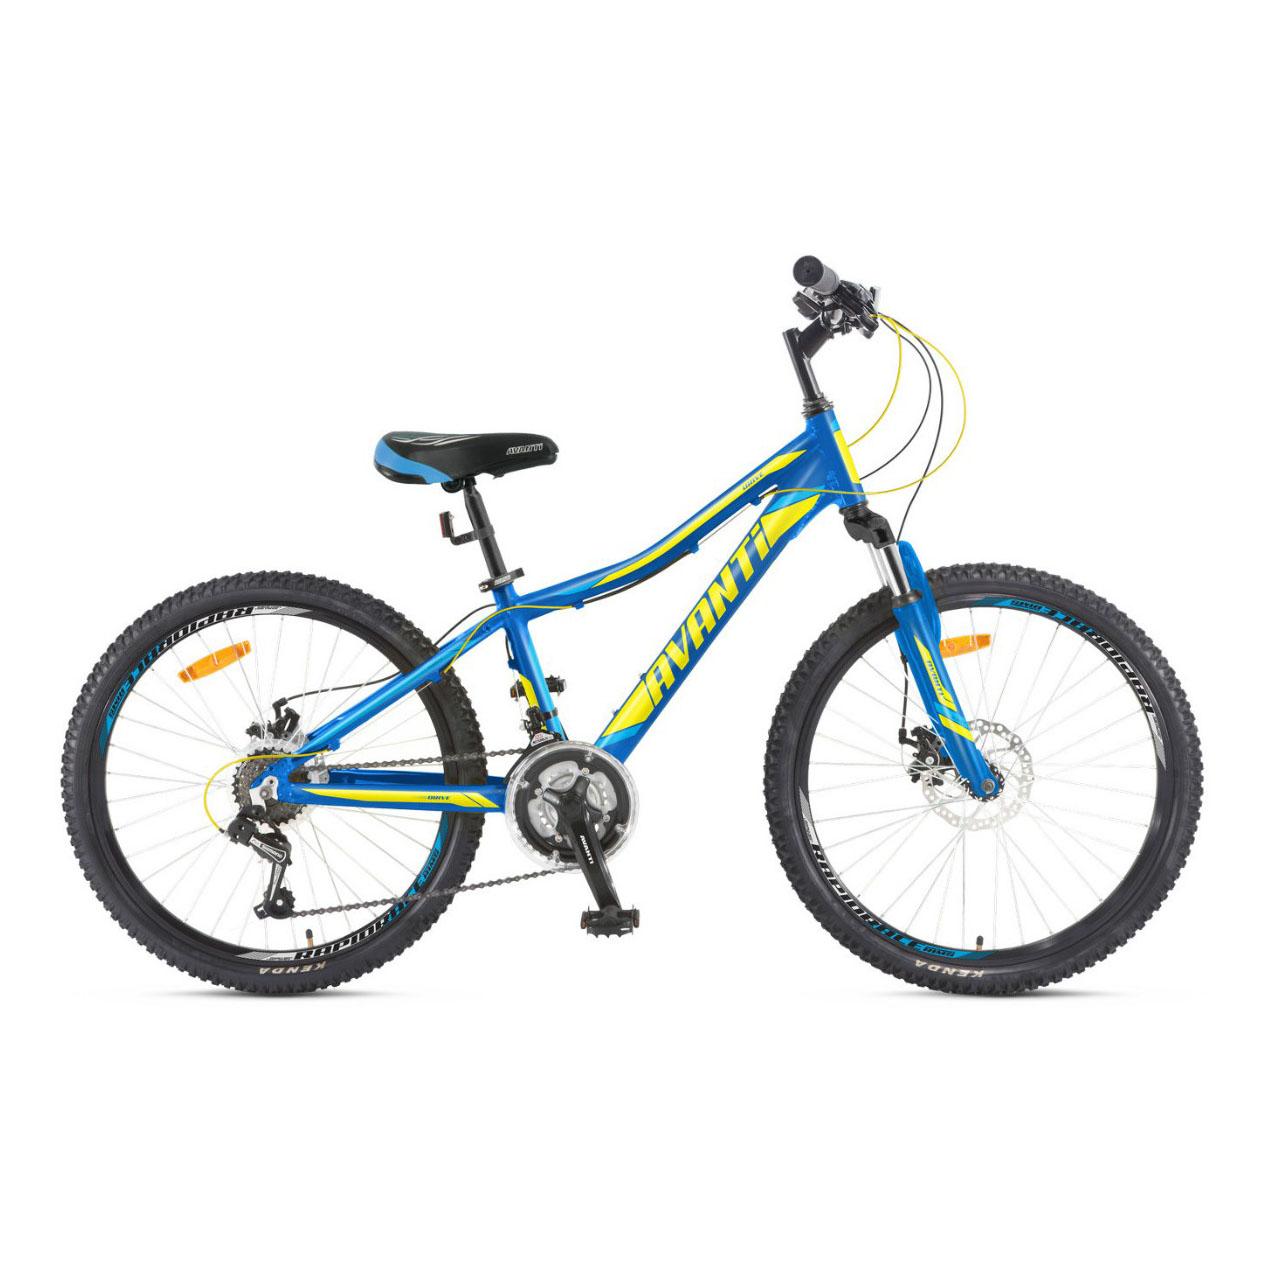 Фото Подростковый Велосипед 24 Avanti Drive disk 2018  сине-зеленый